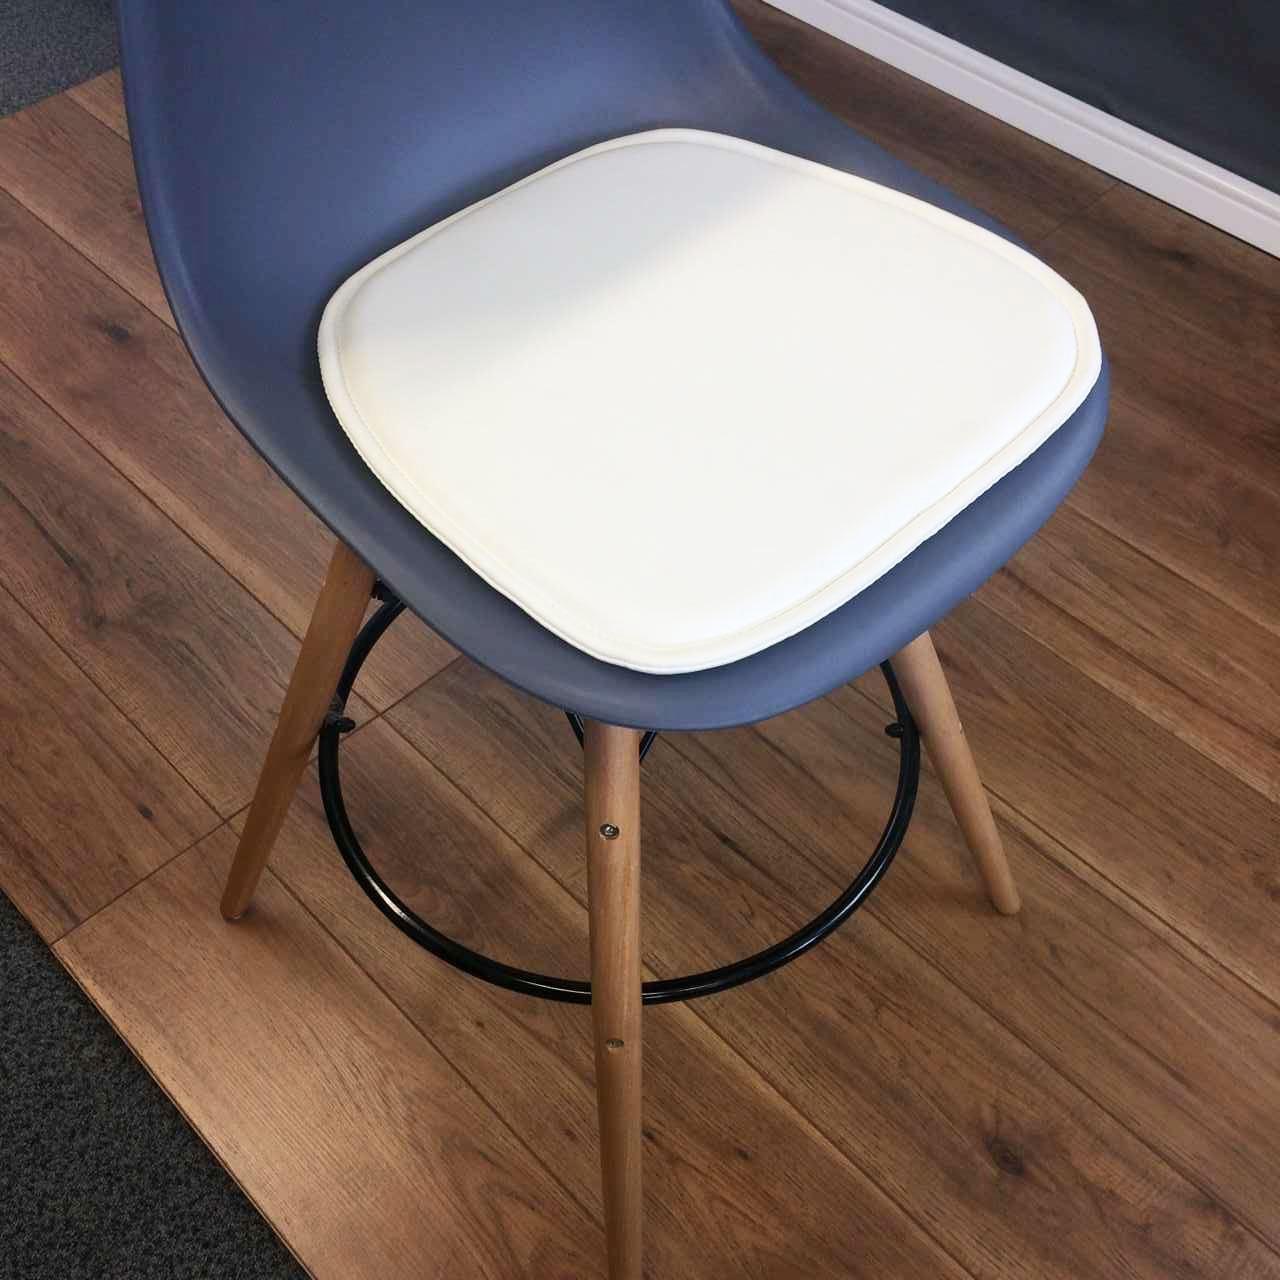 eames chair cushion wheelchair rental nyc charles seat pad cushions compatible for rar daw